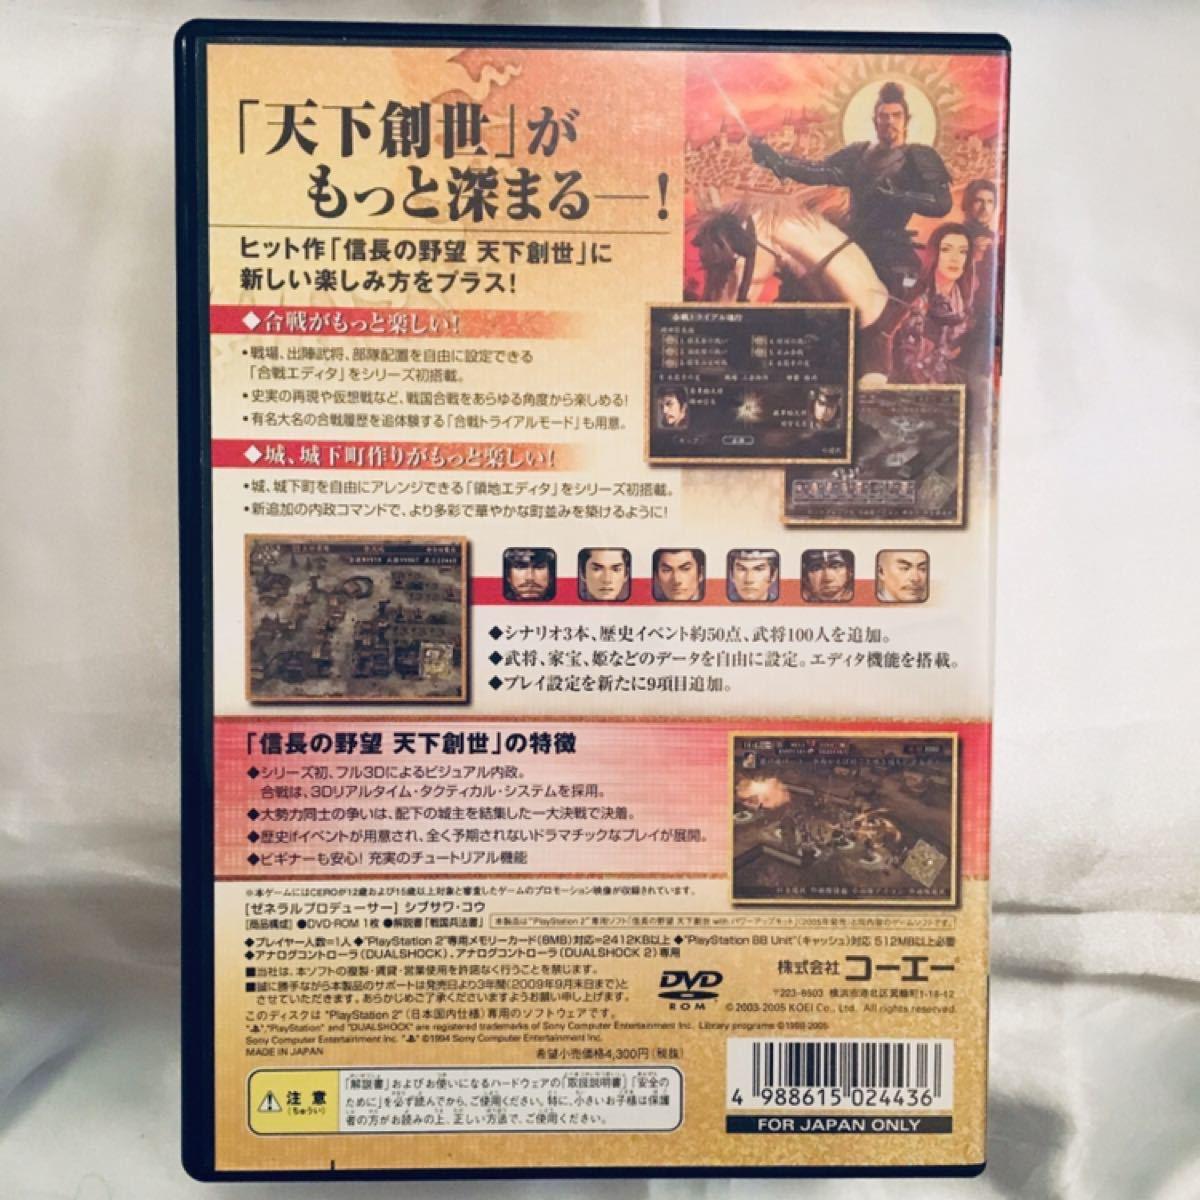 信長の野望 天下創生 with パワーアップキット PS2